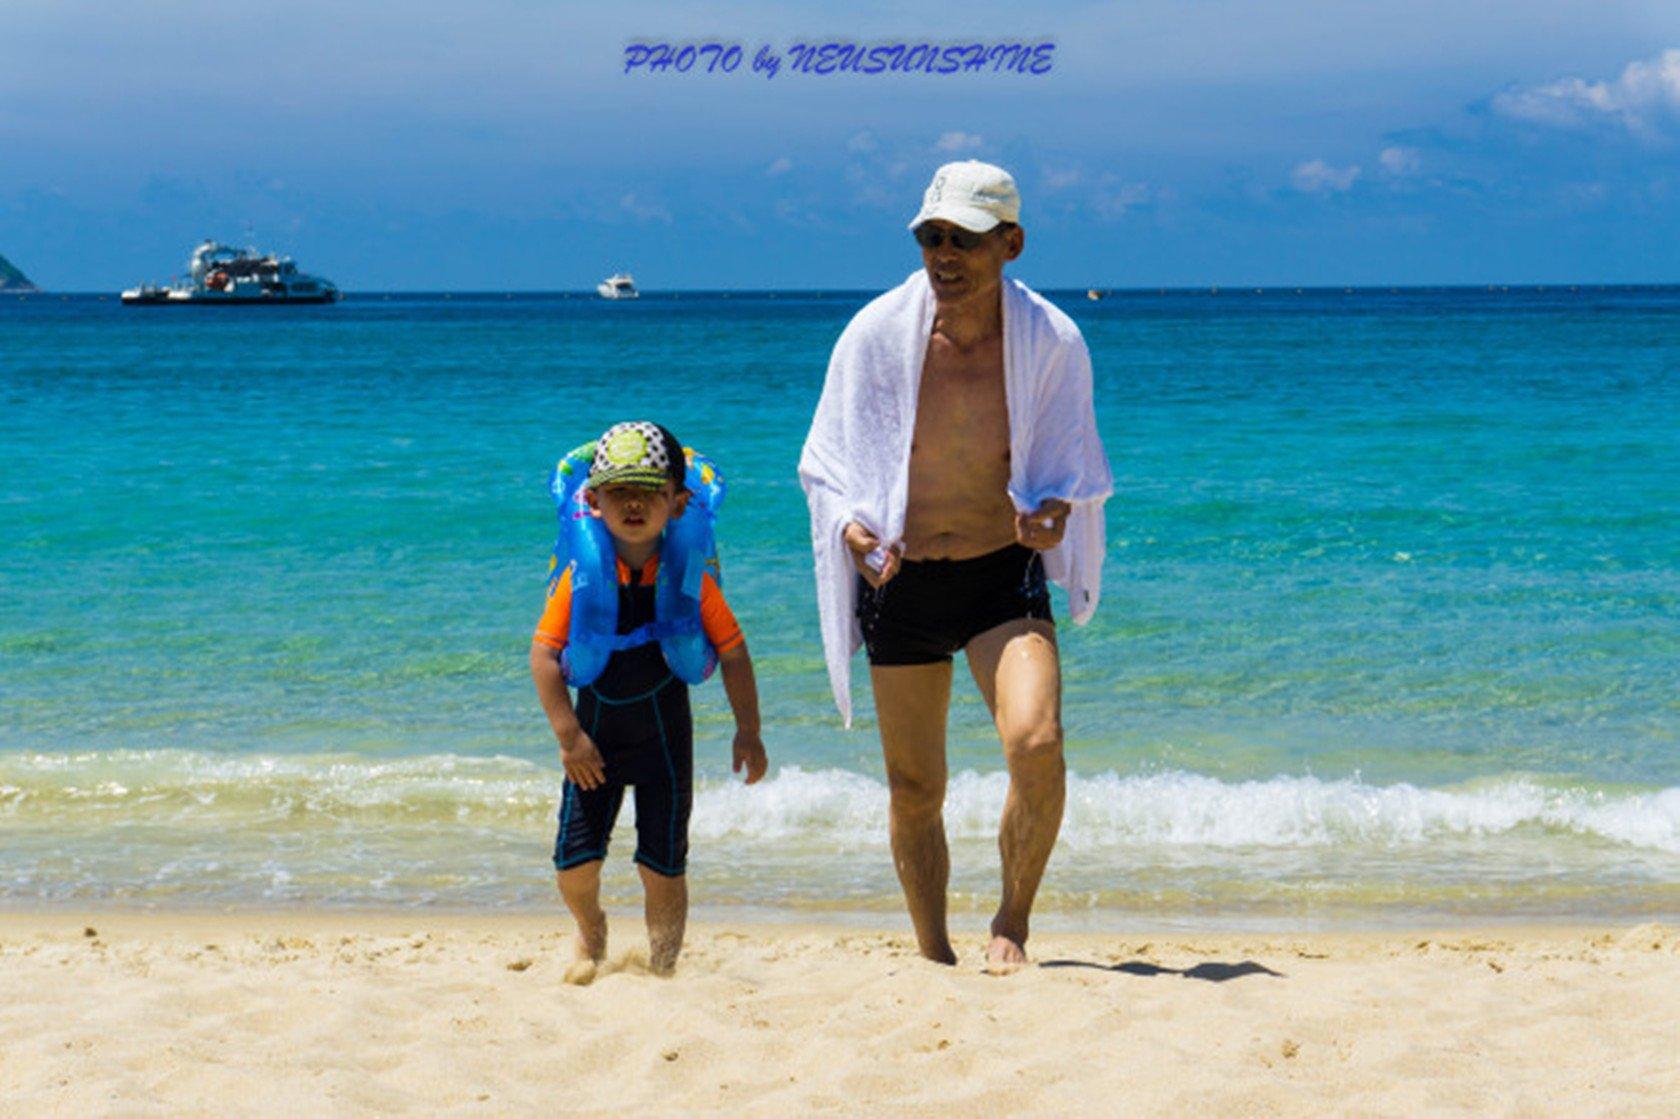 小M悠游记-三亚篇】带着父母、3+小M的七日亲子游